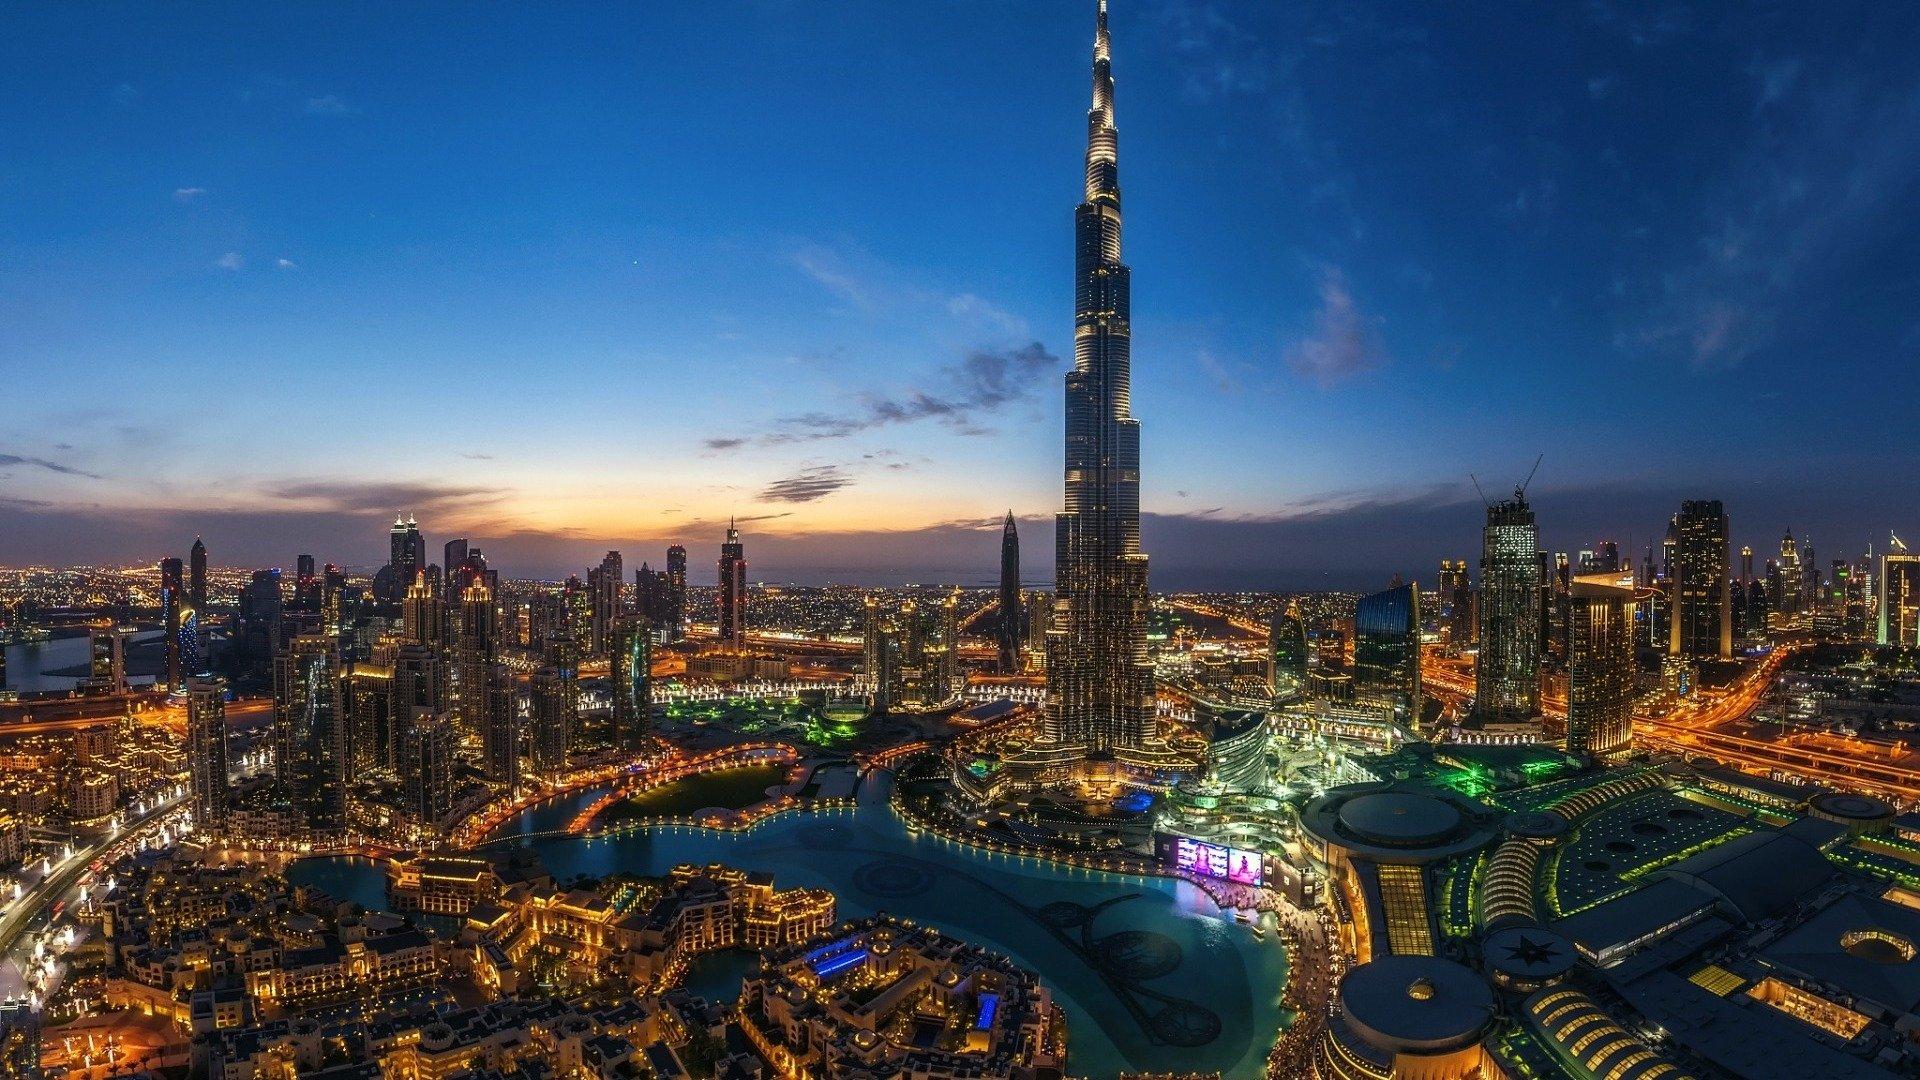 Night Lights In Dubai Wallpaper Burj Khalifa Night 4k